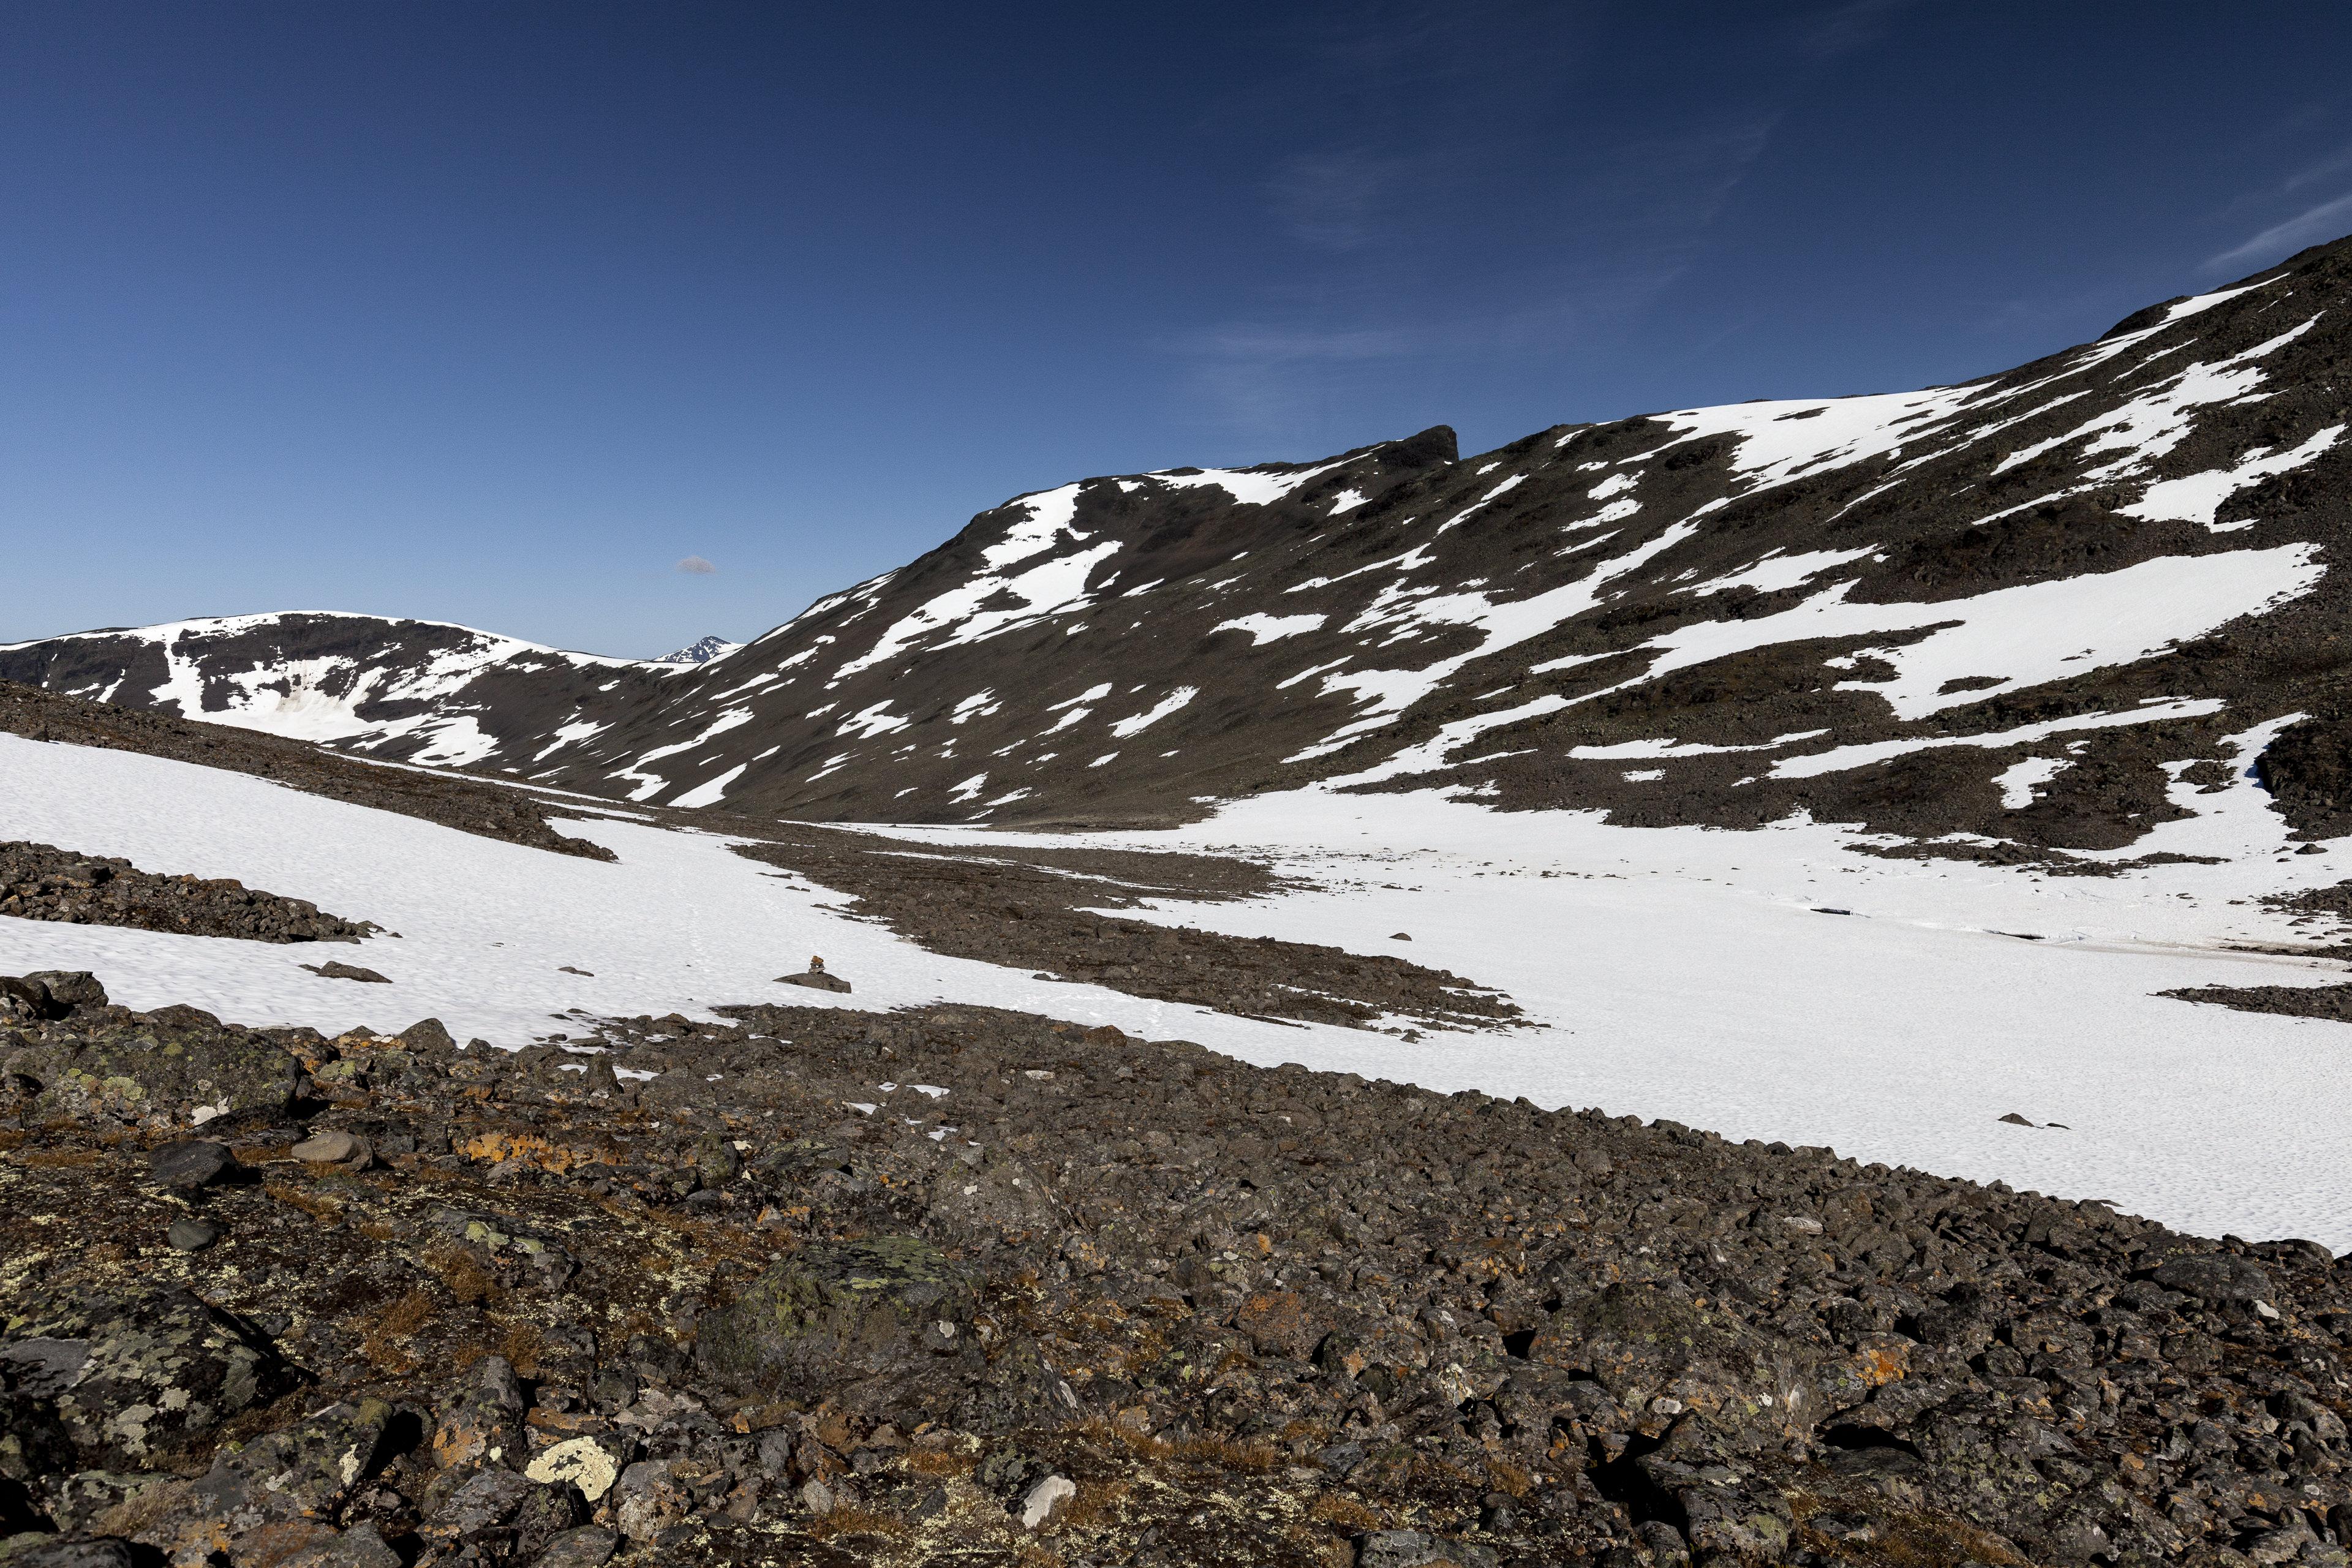 Aufstieg durch das Seitental des Sinnivággi,©Markus Proske—Canon EOS 5D Mark II, EF16-35mm f/4L IS USM, 22mm, 1/800s, Blende 8, ISO 200